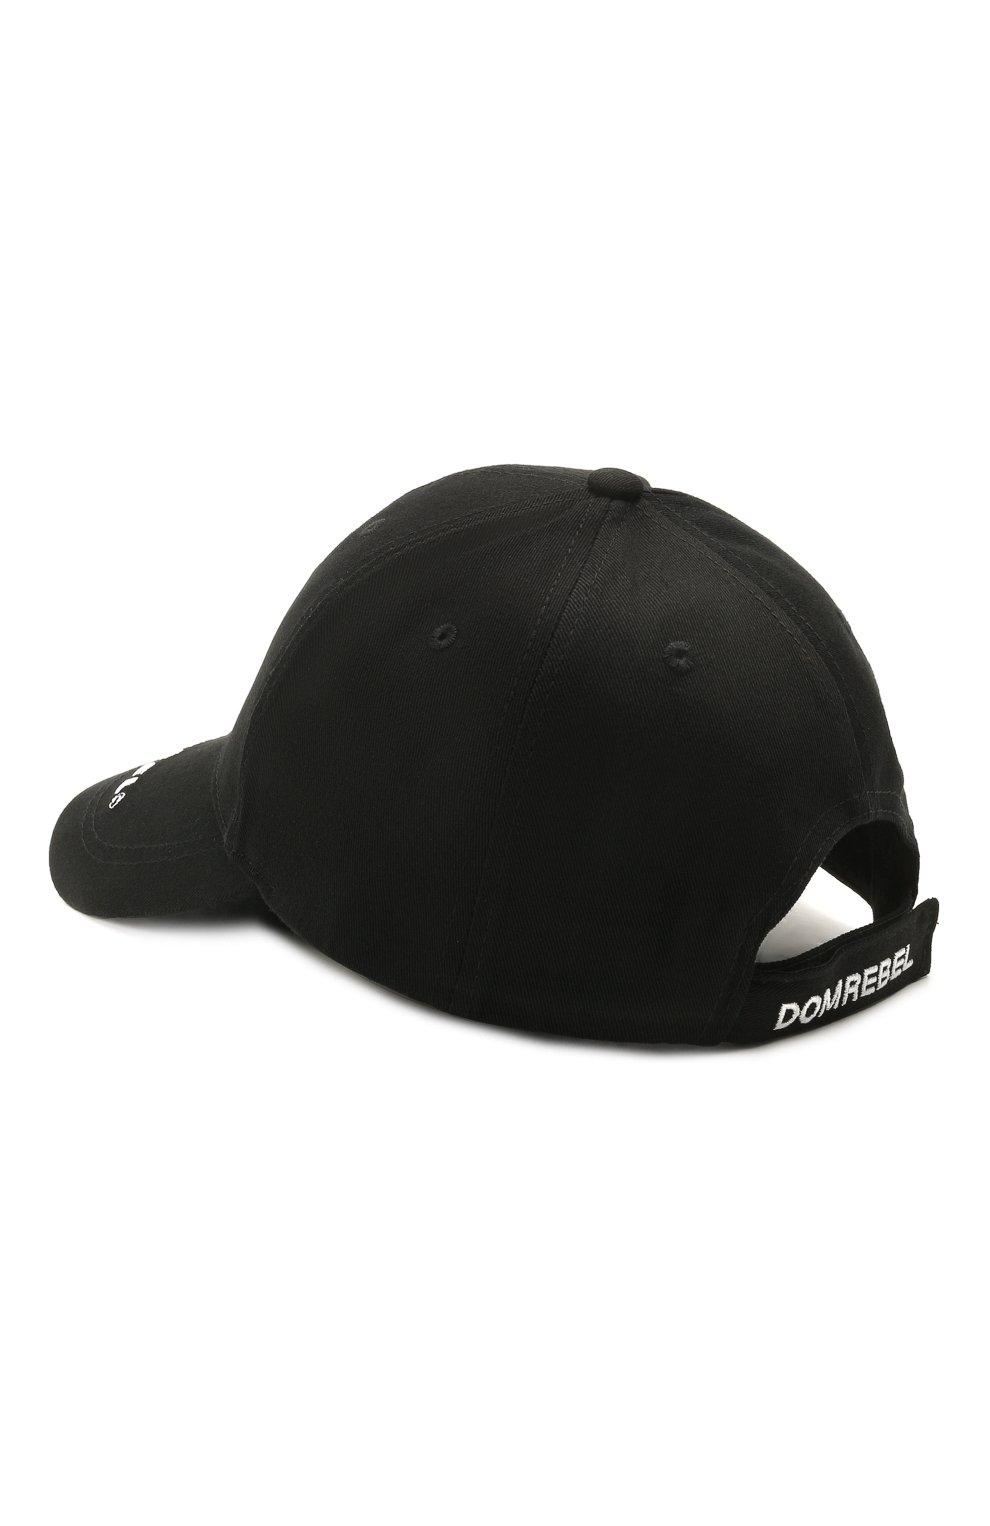 Мужской хлопковая бейсболка DOMREBEL черного цвета, арт. RABBIT/CAP | Фото 3